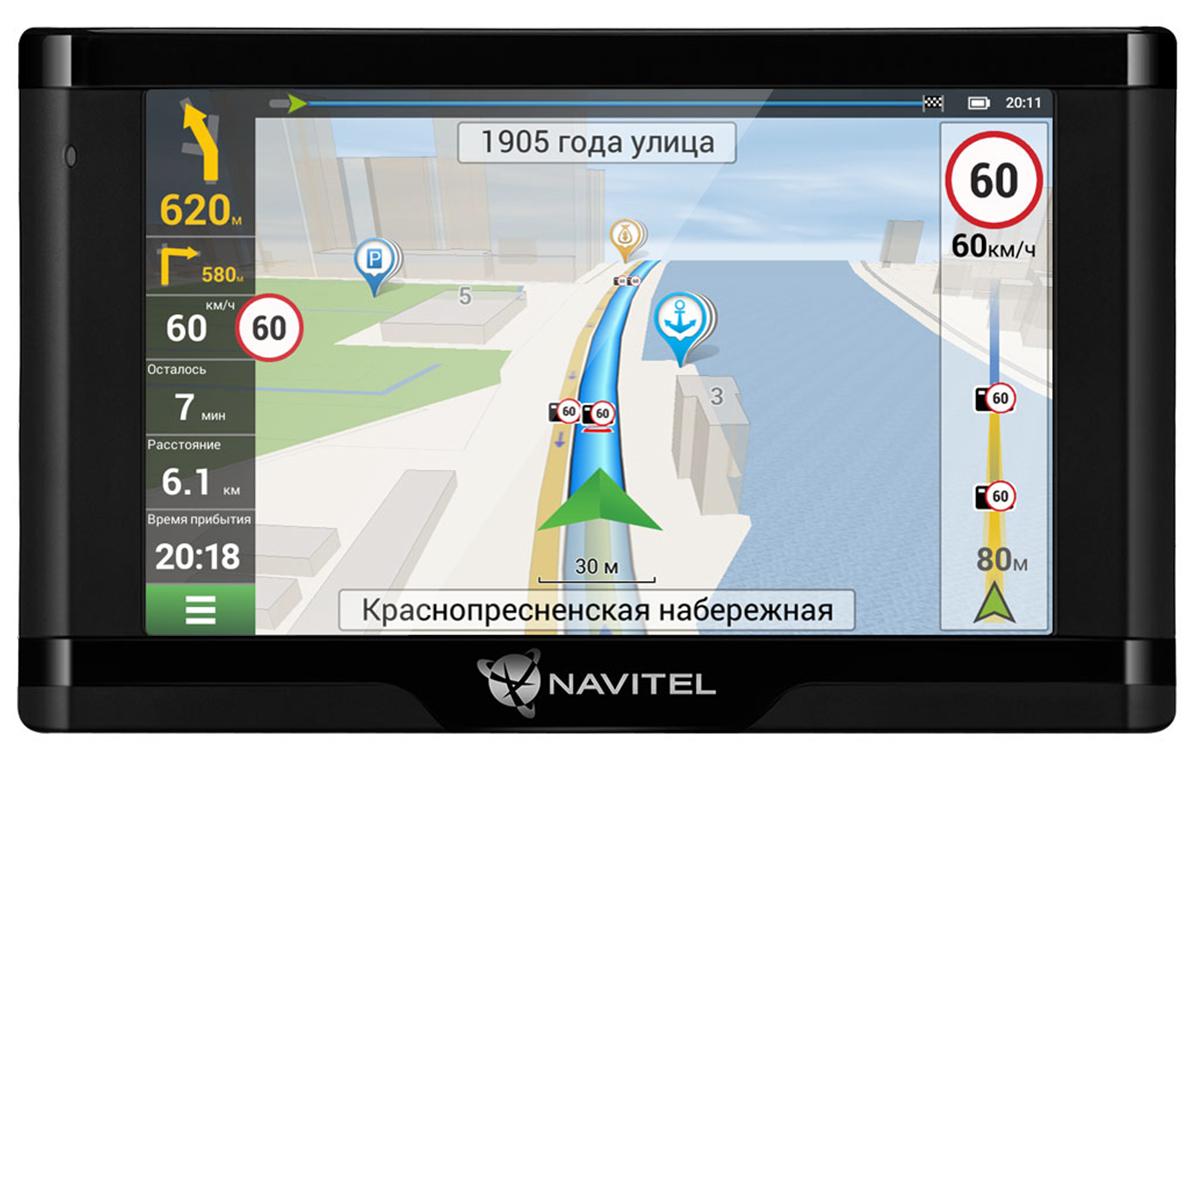 Спутниковый GPS навигатор Navitel E500 Magnetic gps навигатор для пешехода